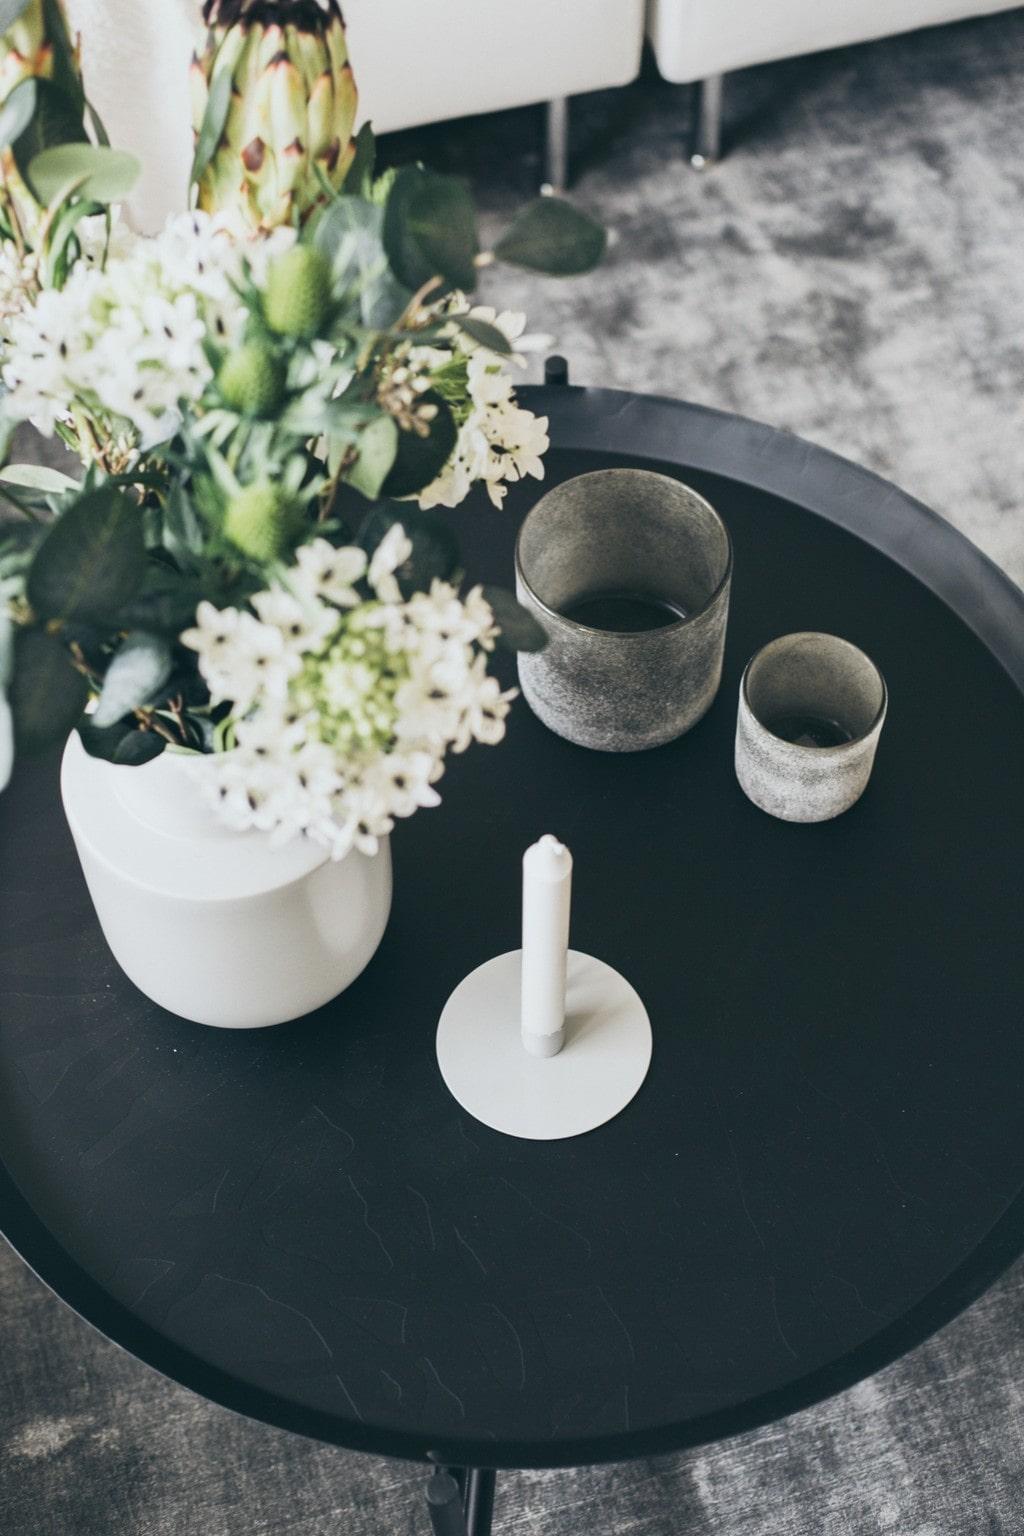 svart sidobord med två ljuslyktor och blommor i vit vas